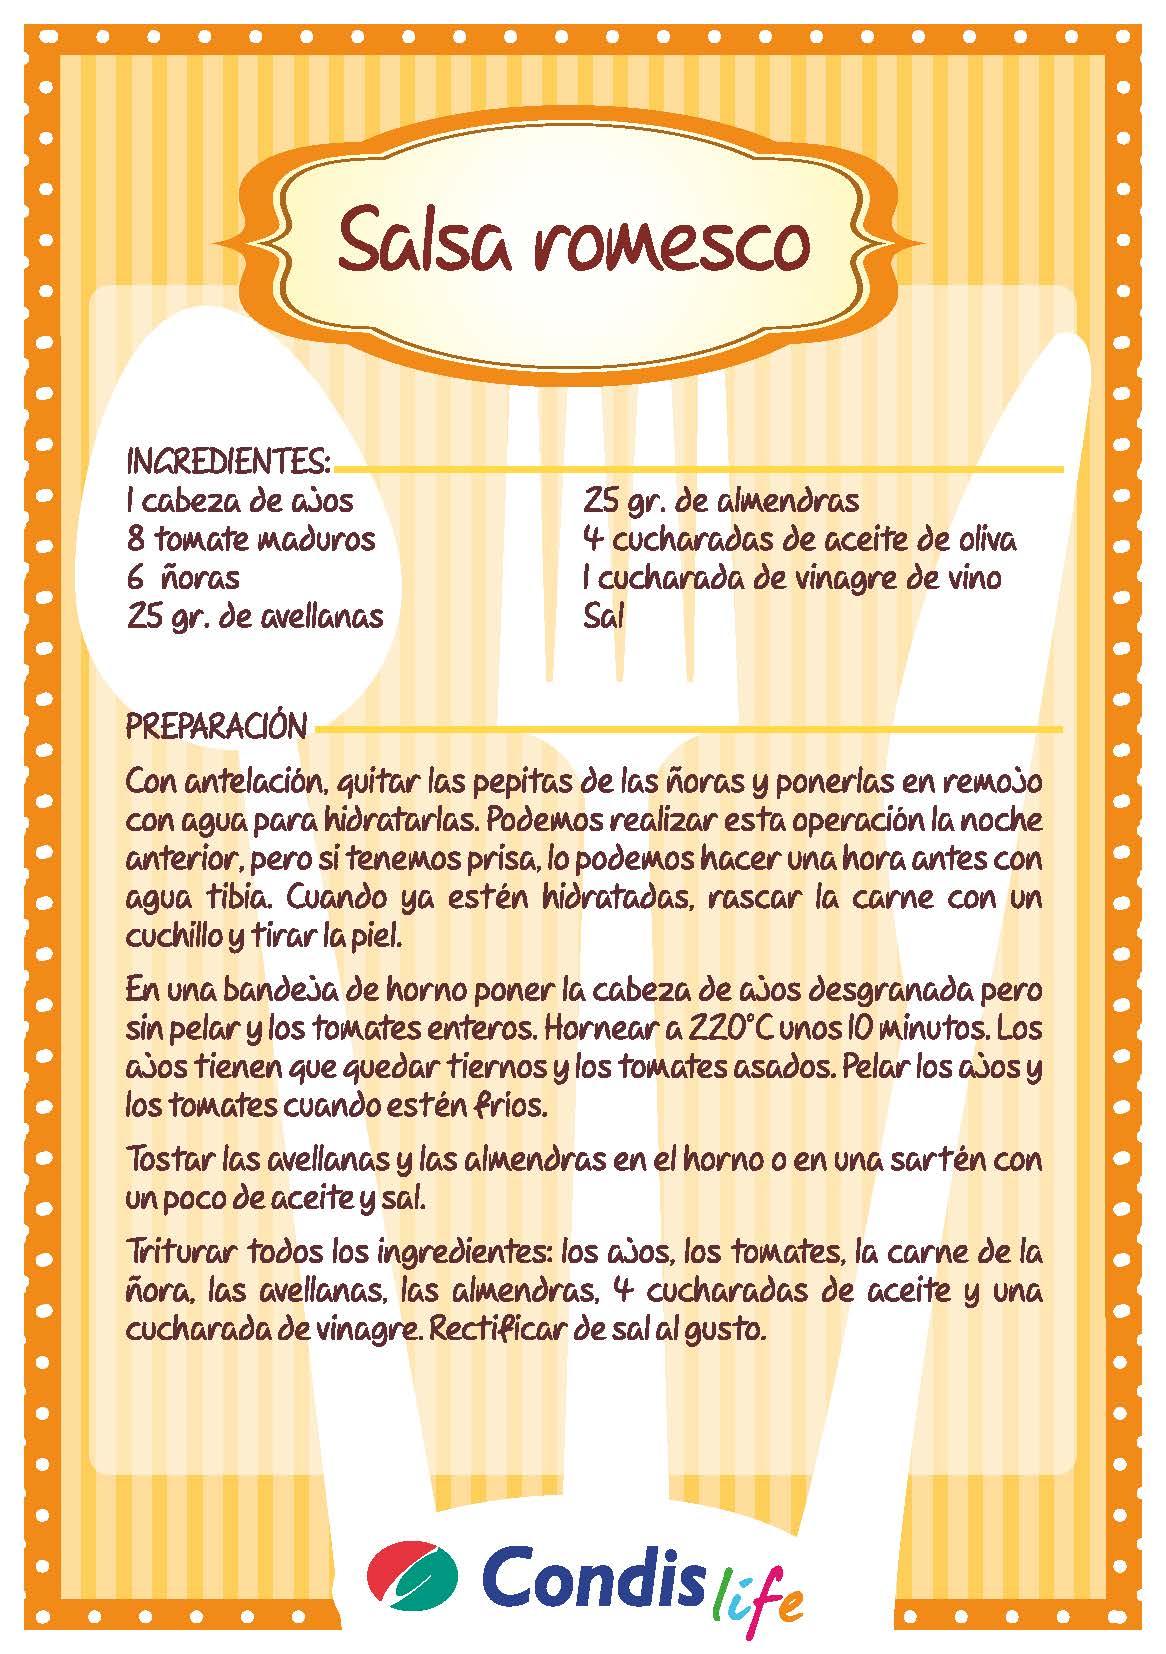 CondisRecetasTallerCalçots_Página_1